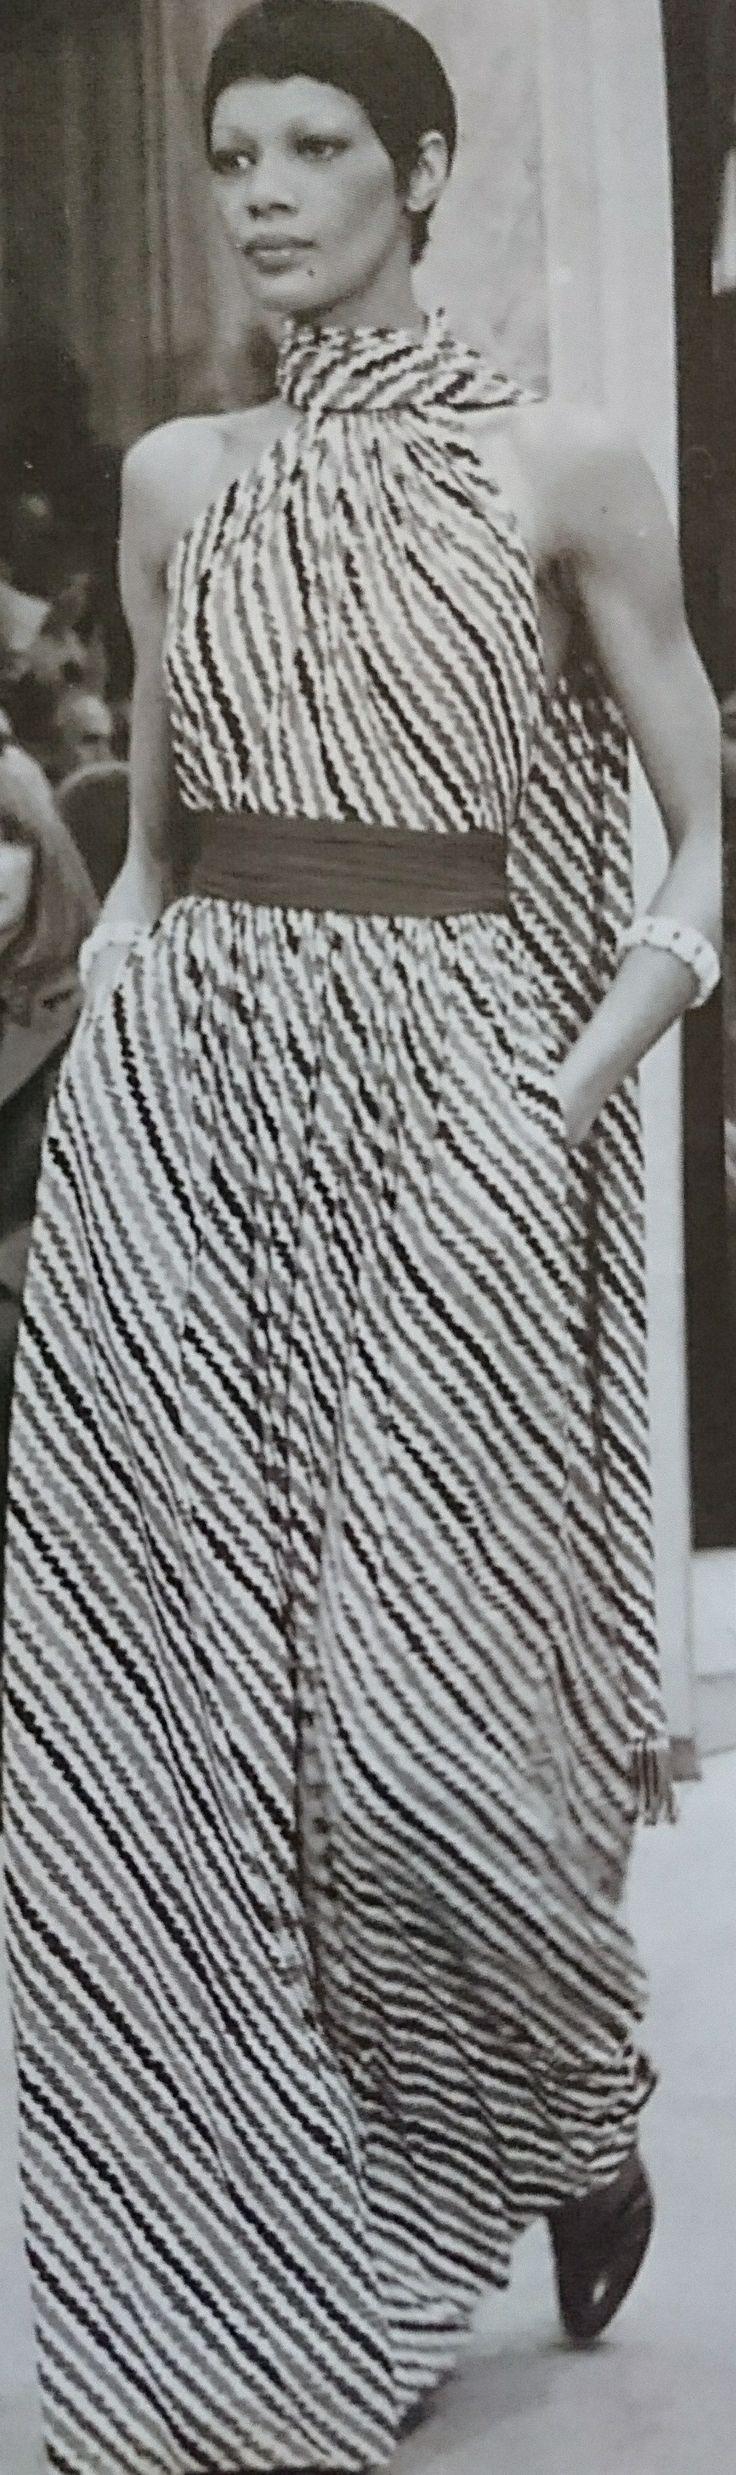 Janvier 1975. Haute couture été 1975. L Officiel 1000 modèles.